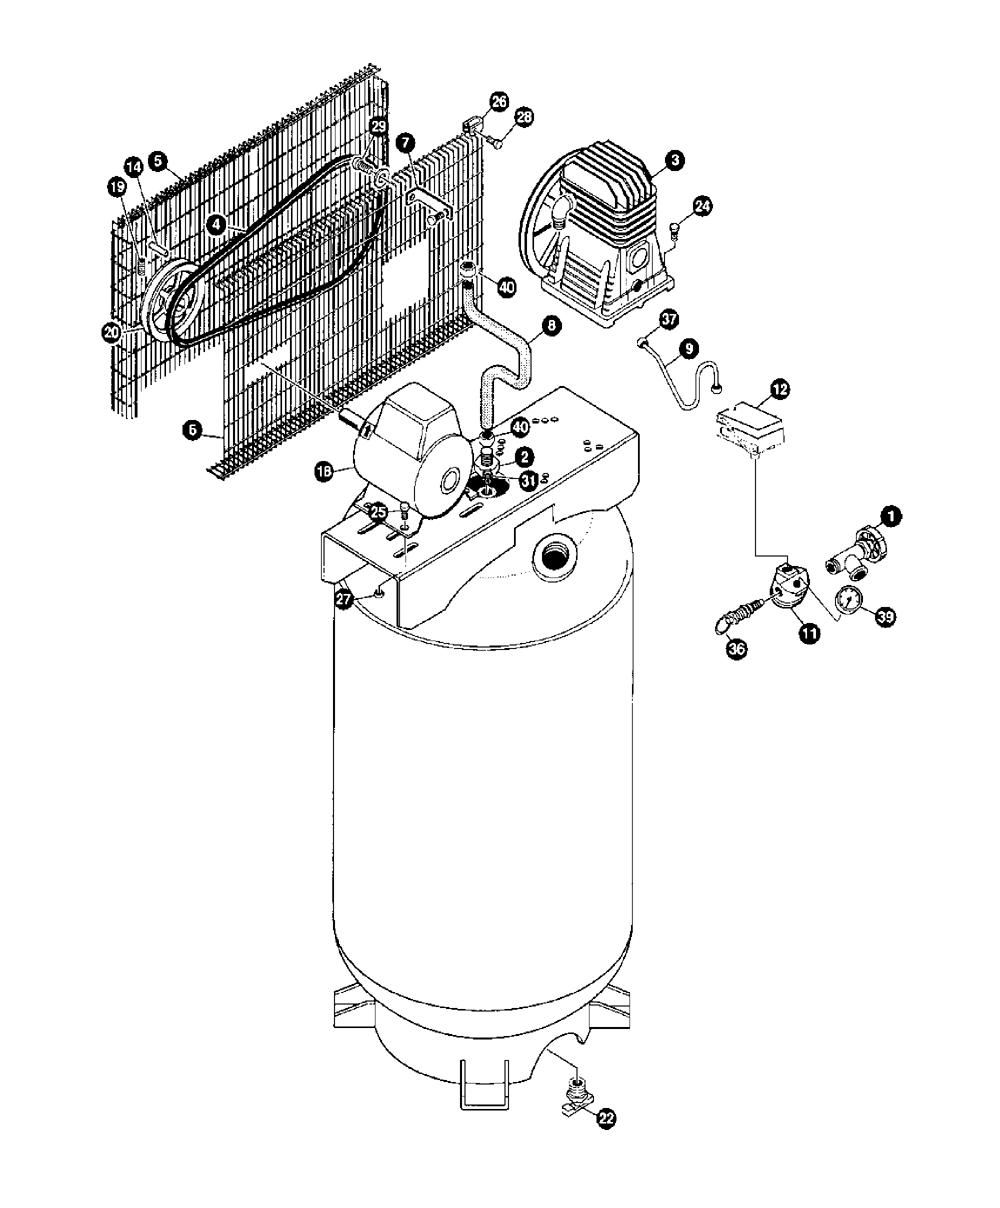 IRLKC6580V2-Devilbiss-T1-PB-1Break Down